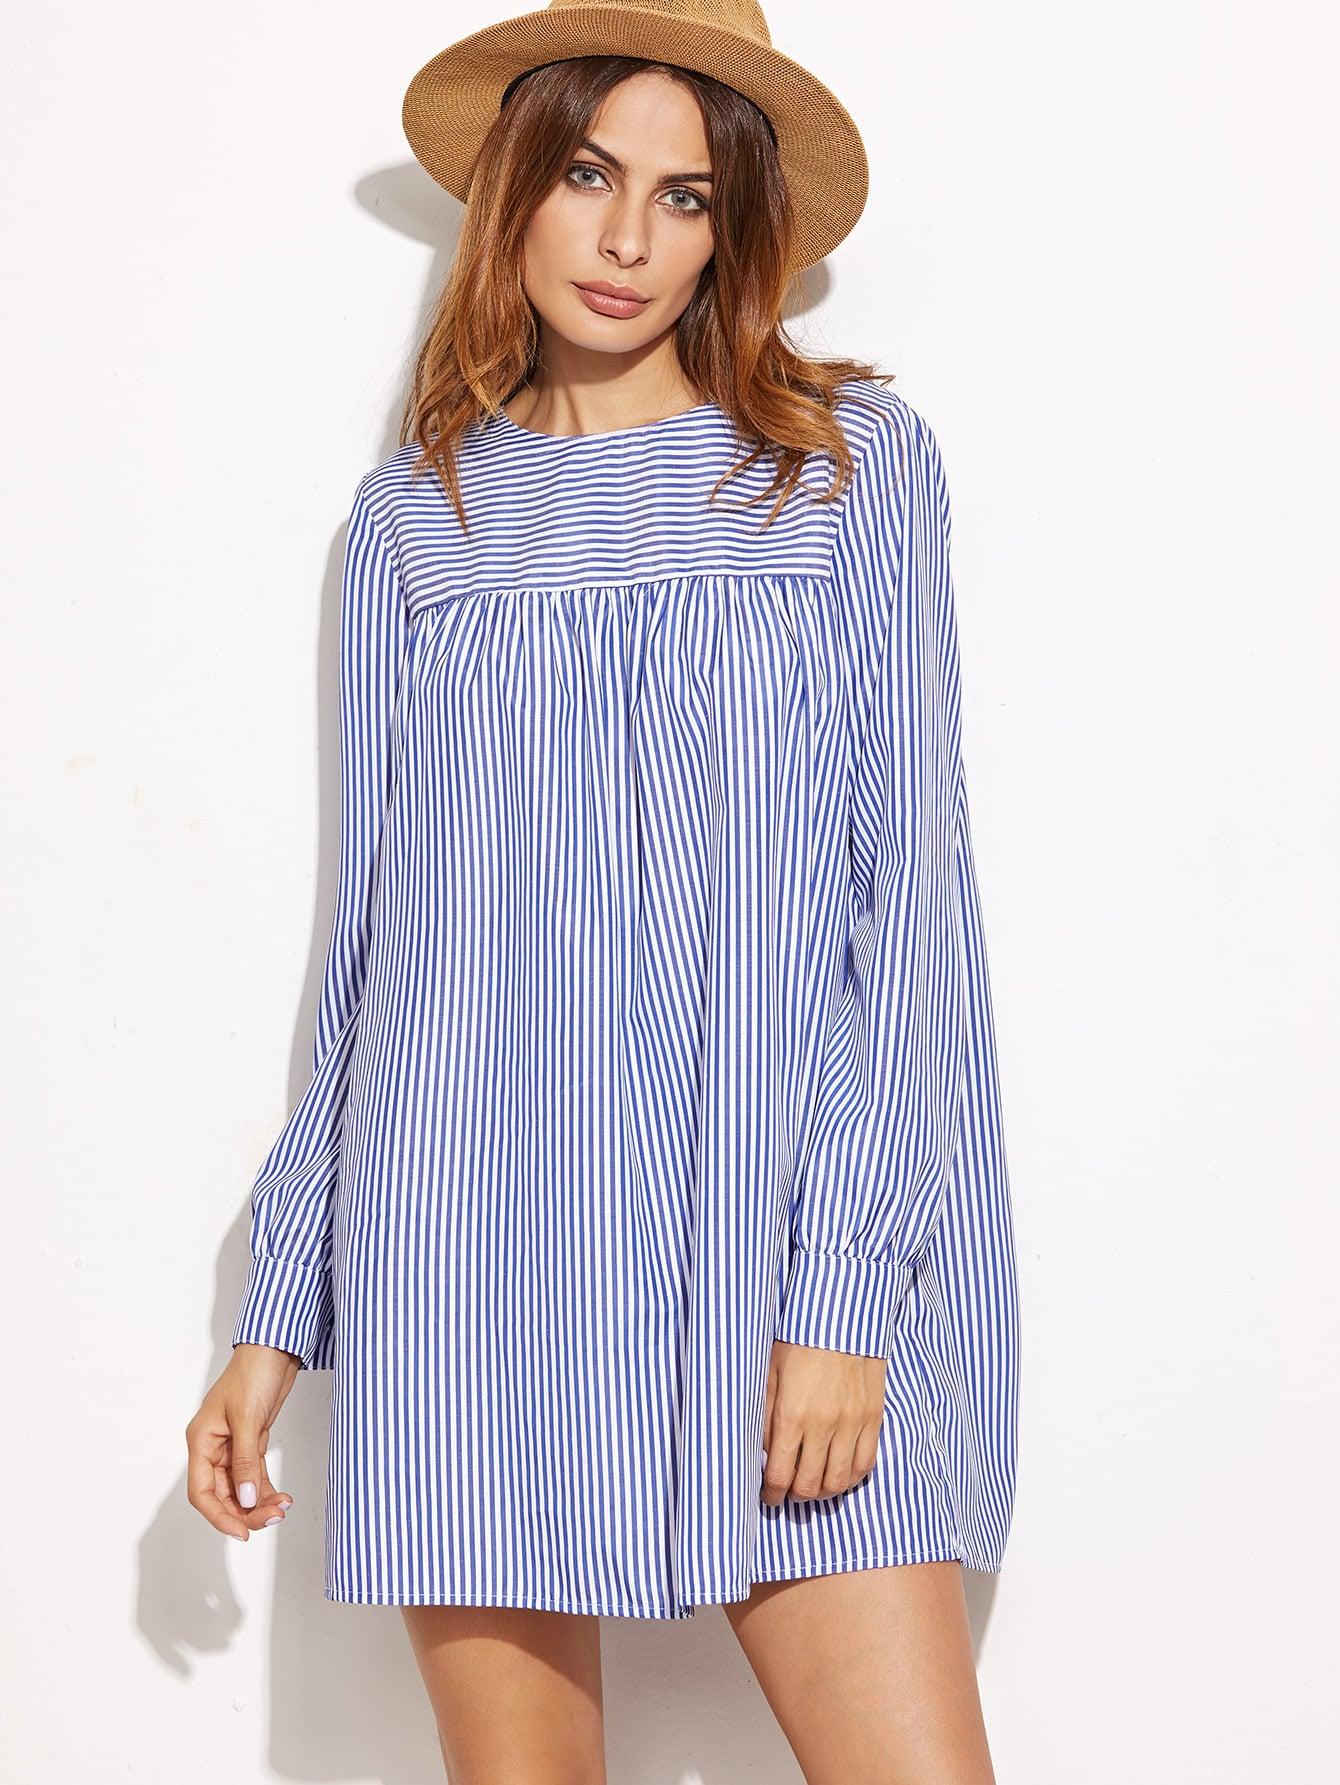 dress161113704_2